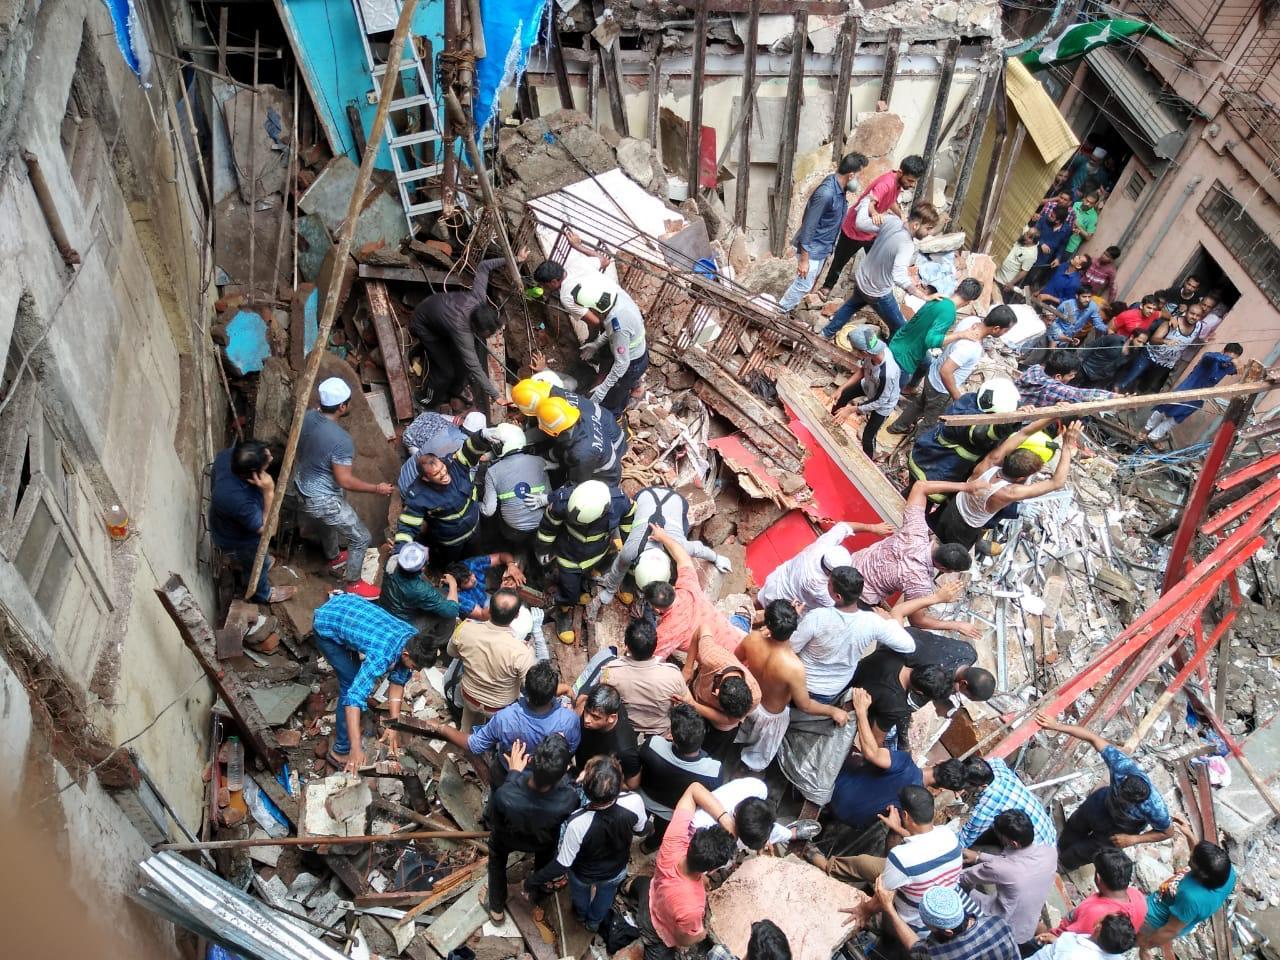 घटनास्थळी अग्निशमन आणि NDRFकडून मदत व बचाव कार्य सुरु आहे.